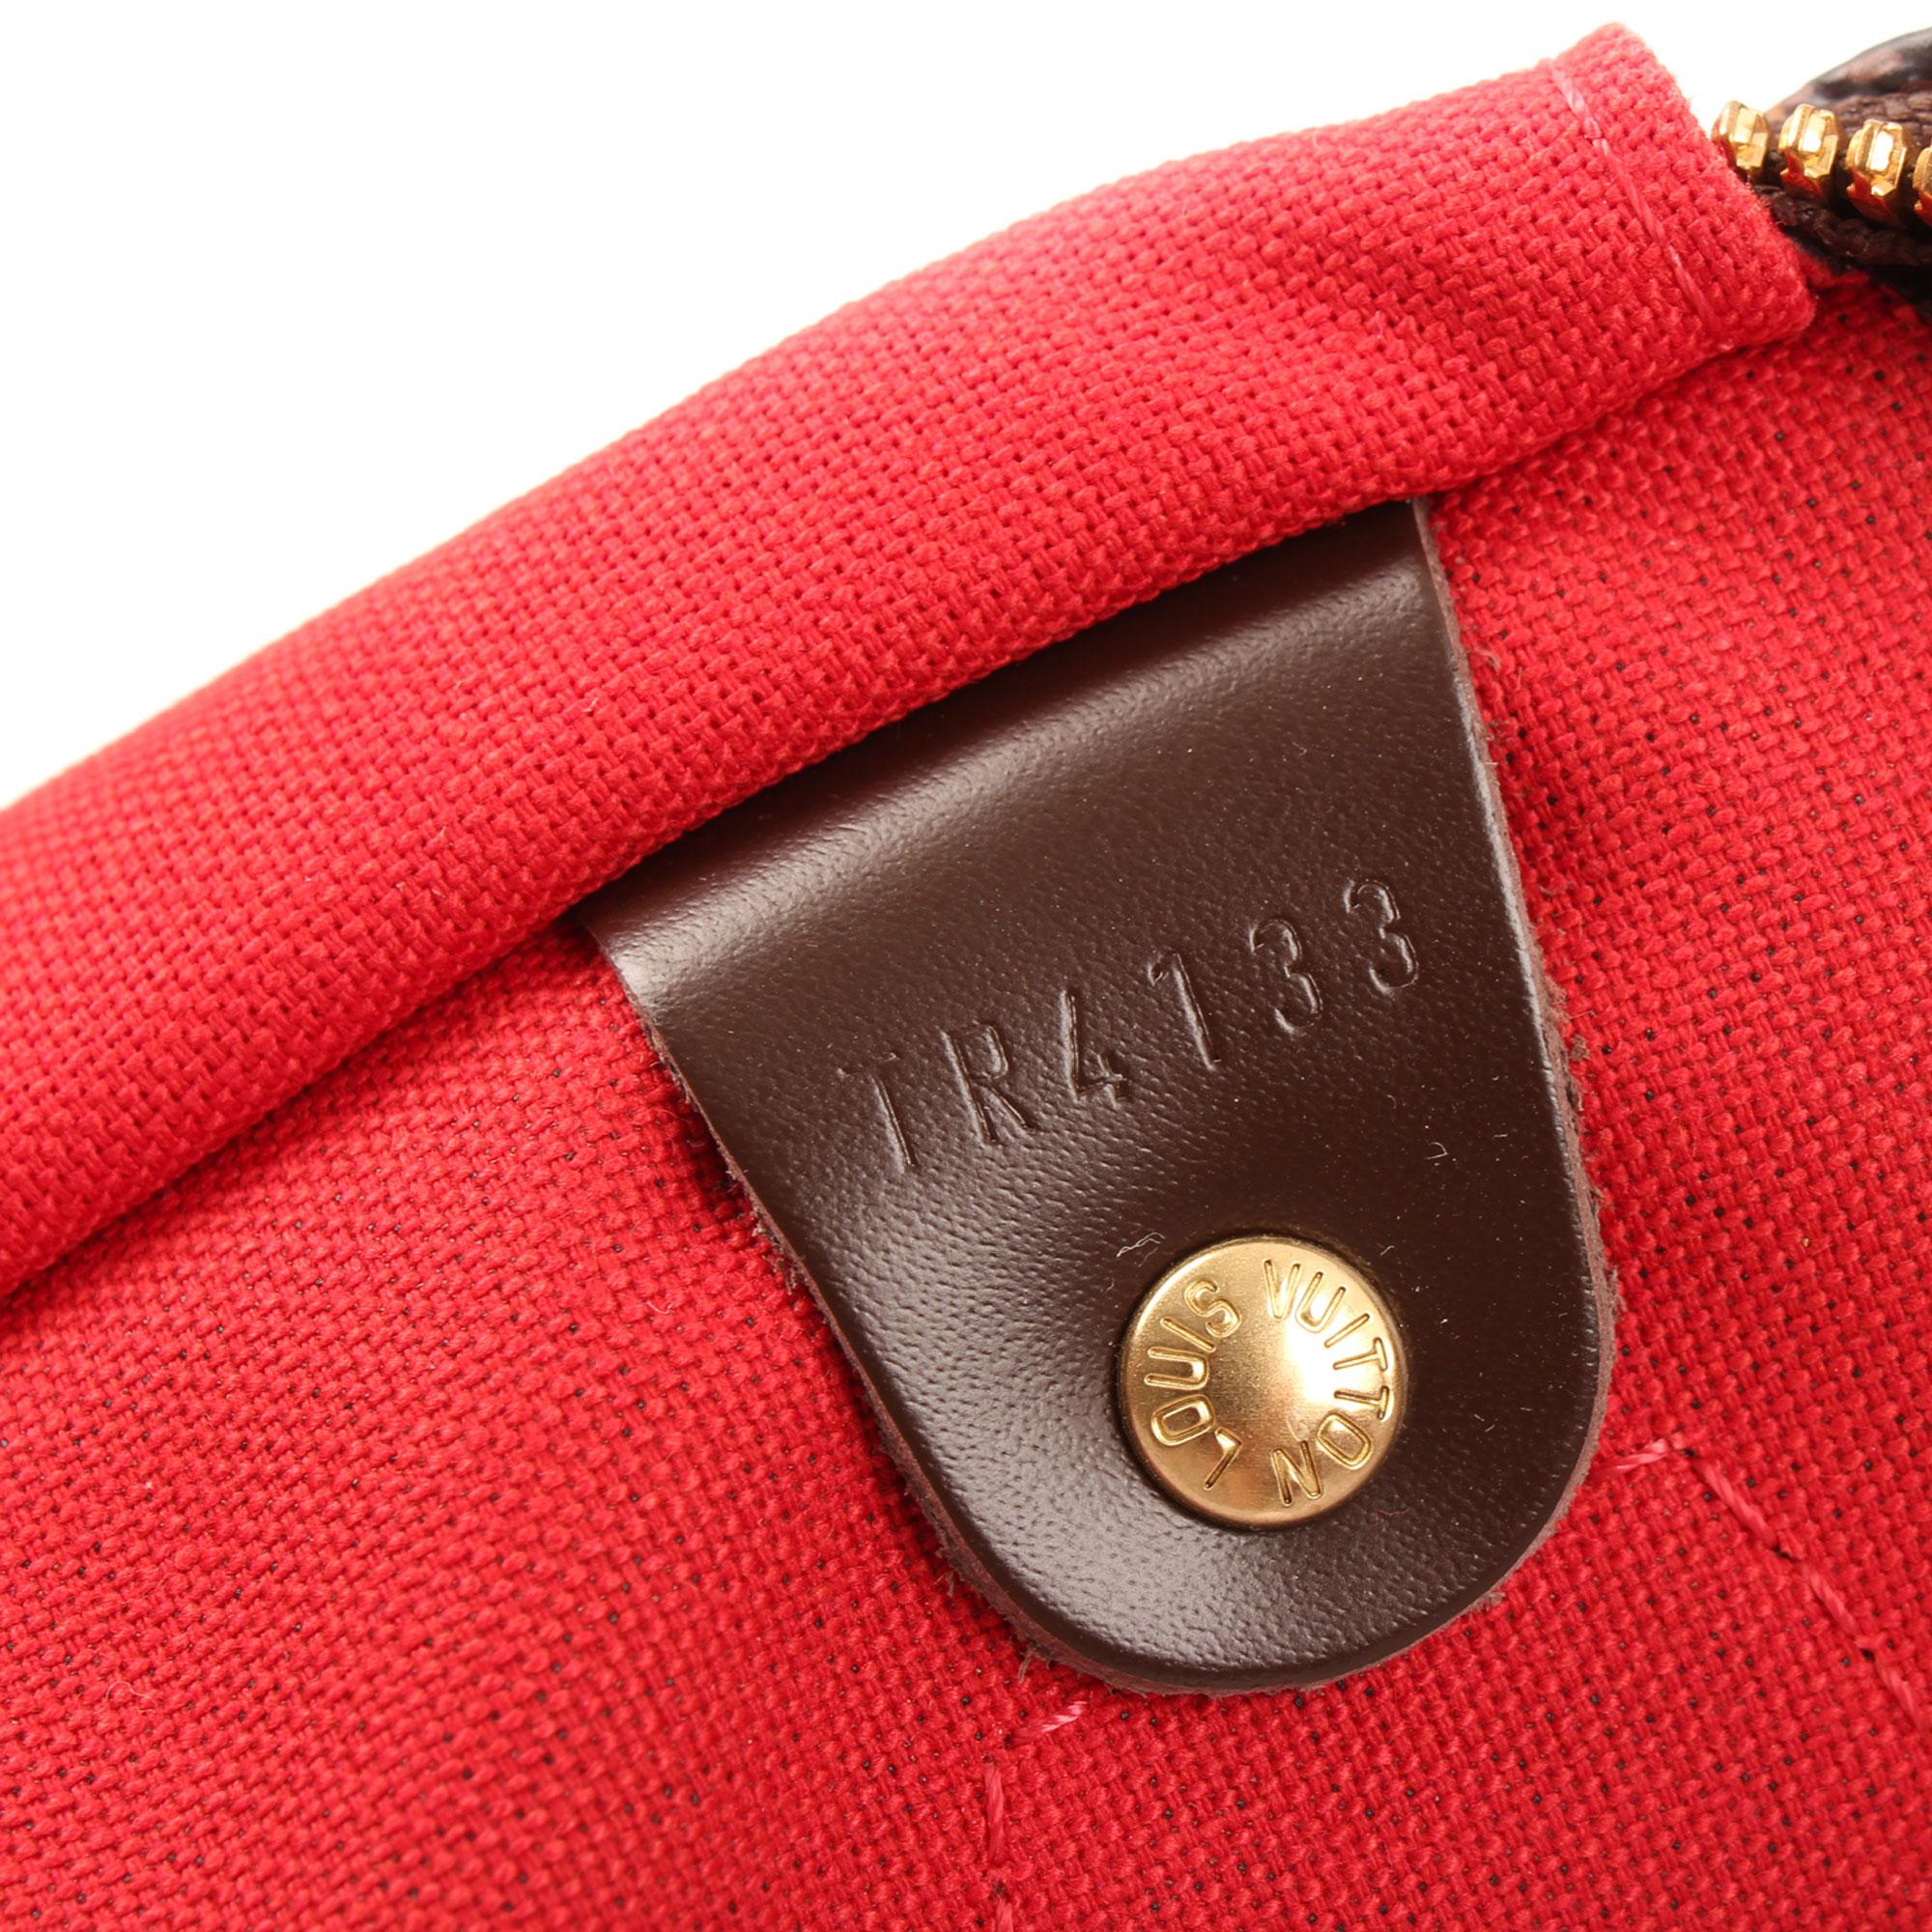 Imagen del serial del bolso louis vuitton speedy 35 bandolera damier ebene